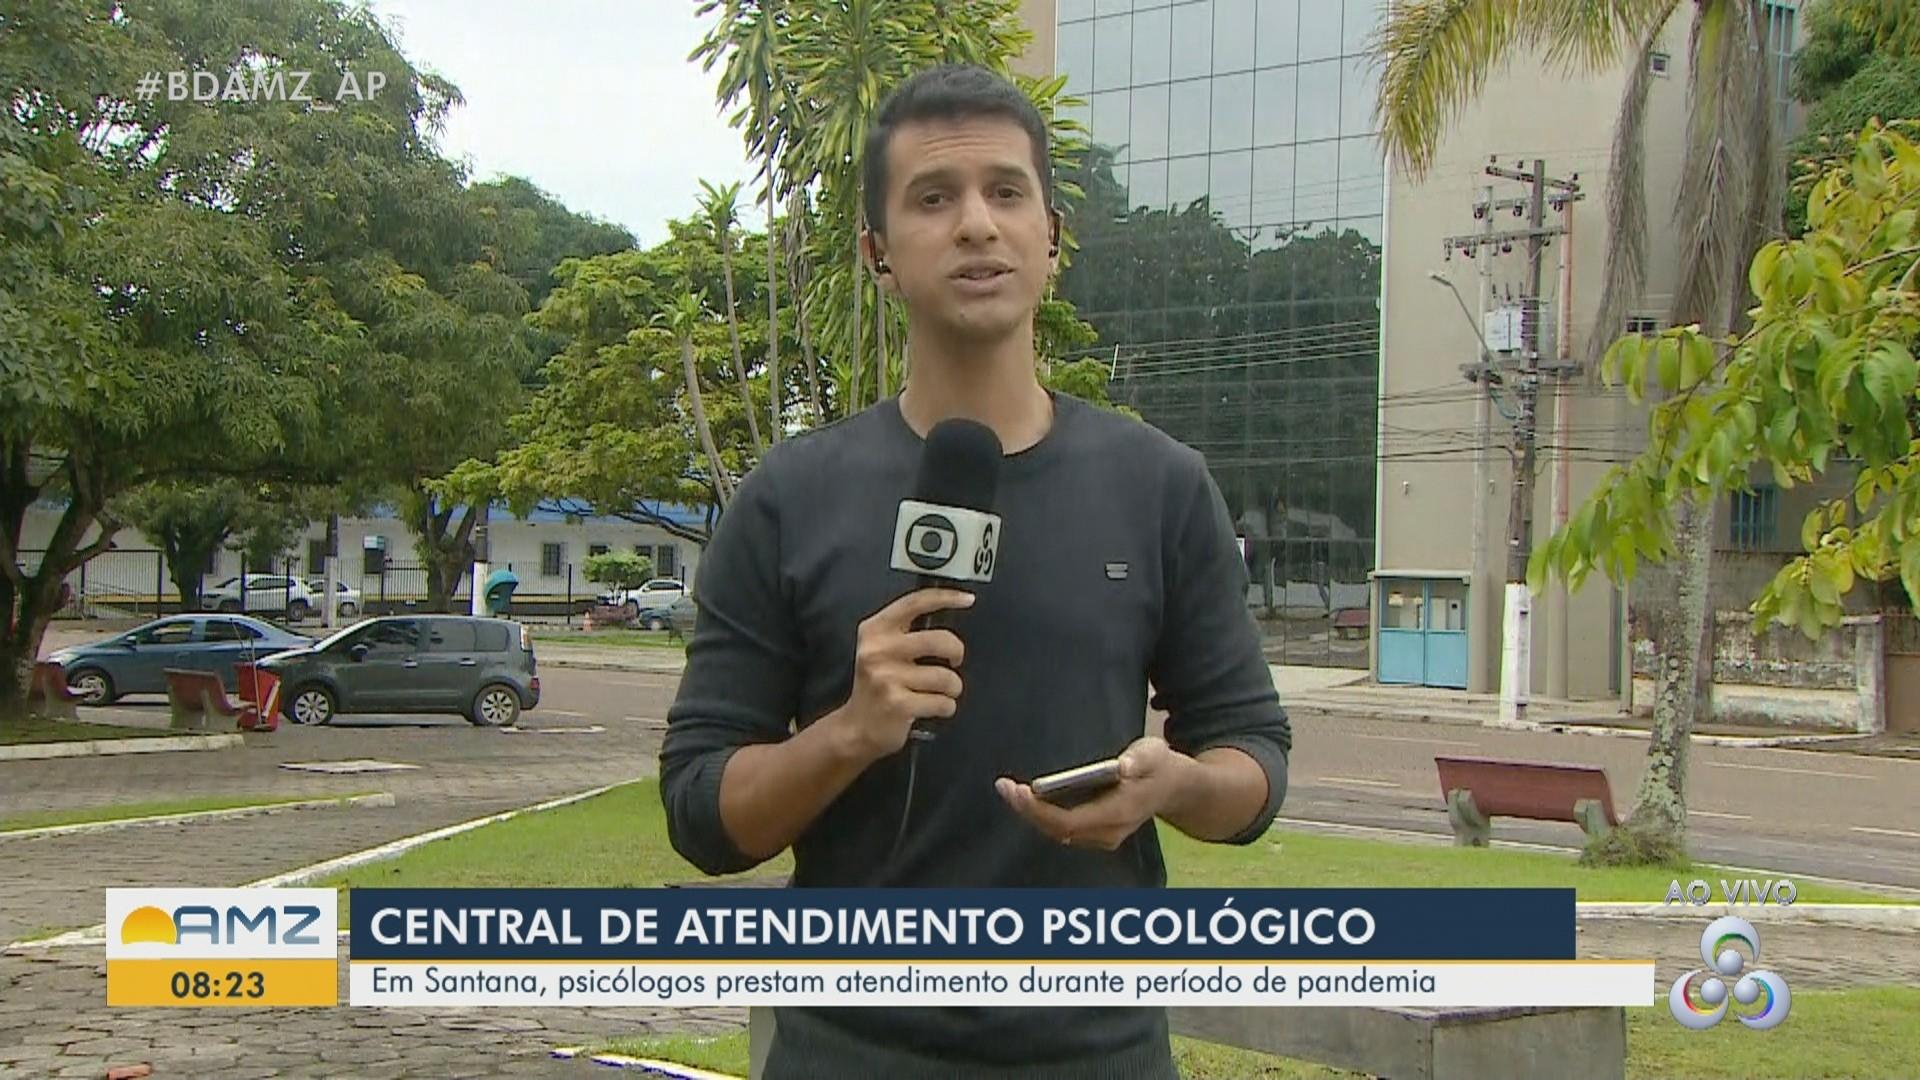 VÍDEOS: Bom Dia Amazônia - AP de terça-feira, 14 de abril de 2020